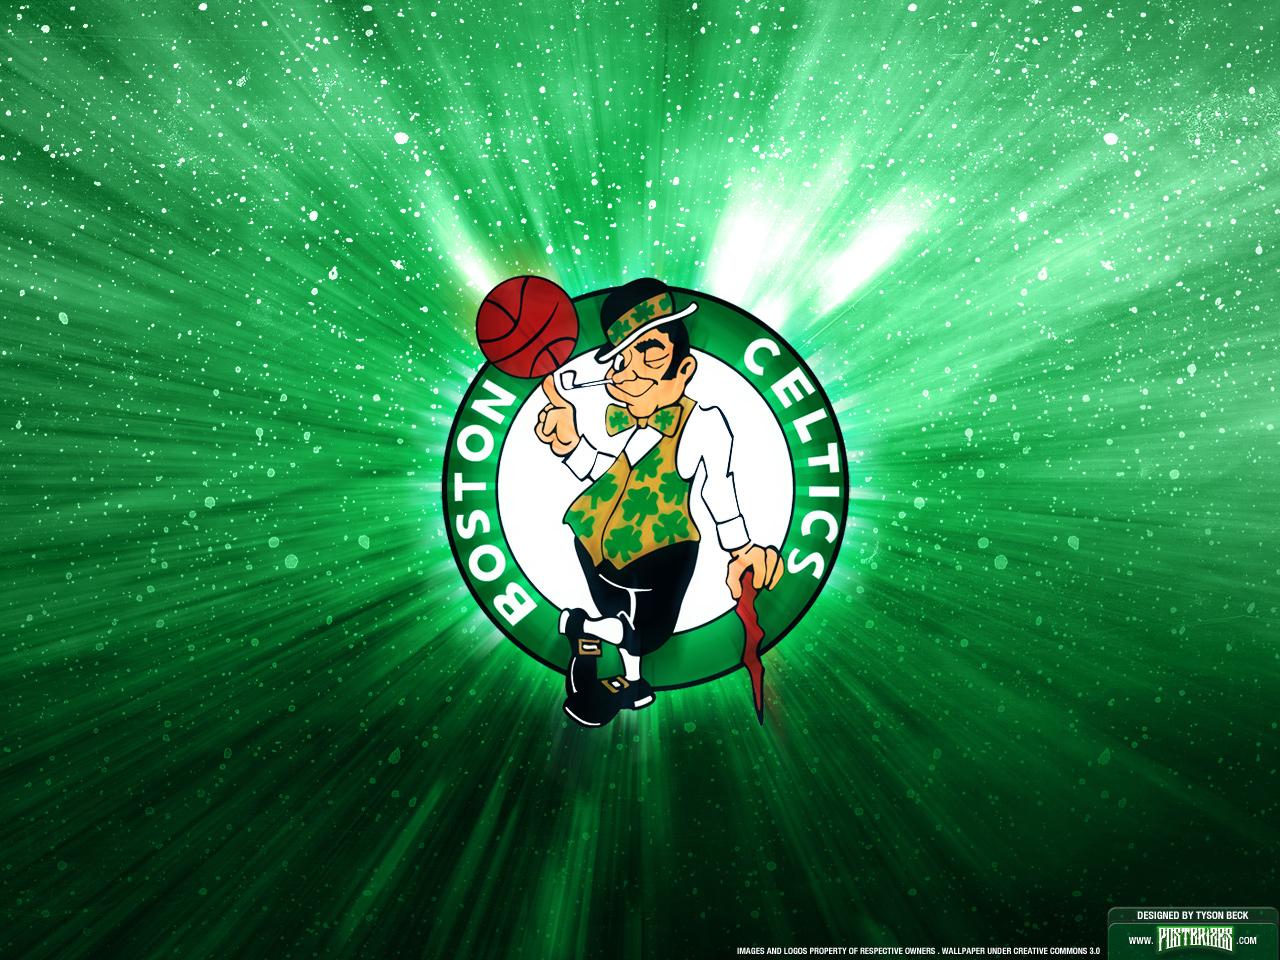 Boston Celtics Backgrounds, Compatible - PC, Mobile, Gadgets| 1280x960 px